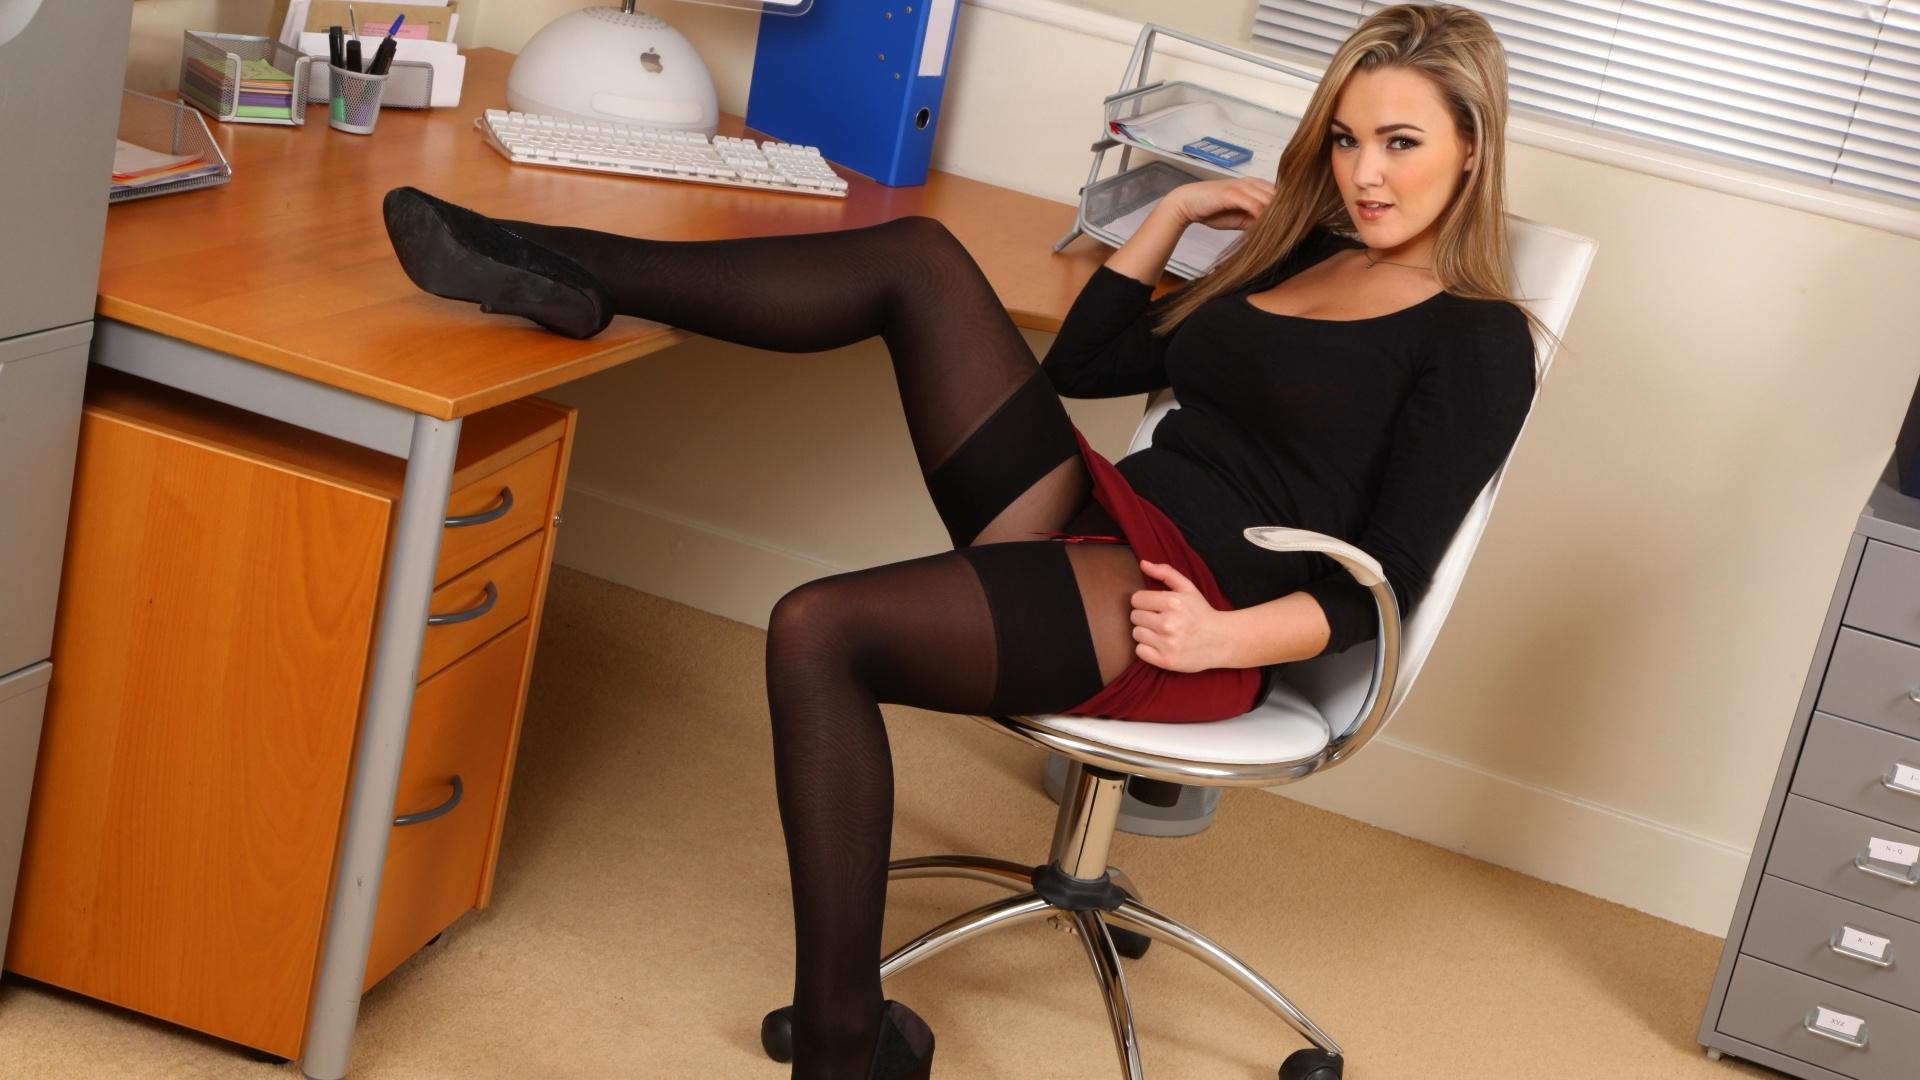 Сзади секретаршу на столе смотреть бесплатно 21 фотография